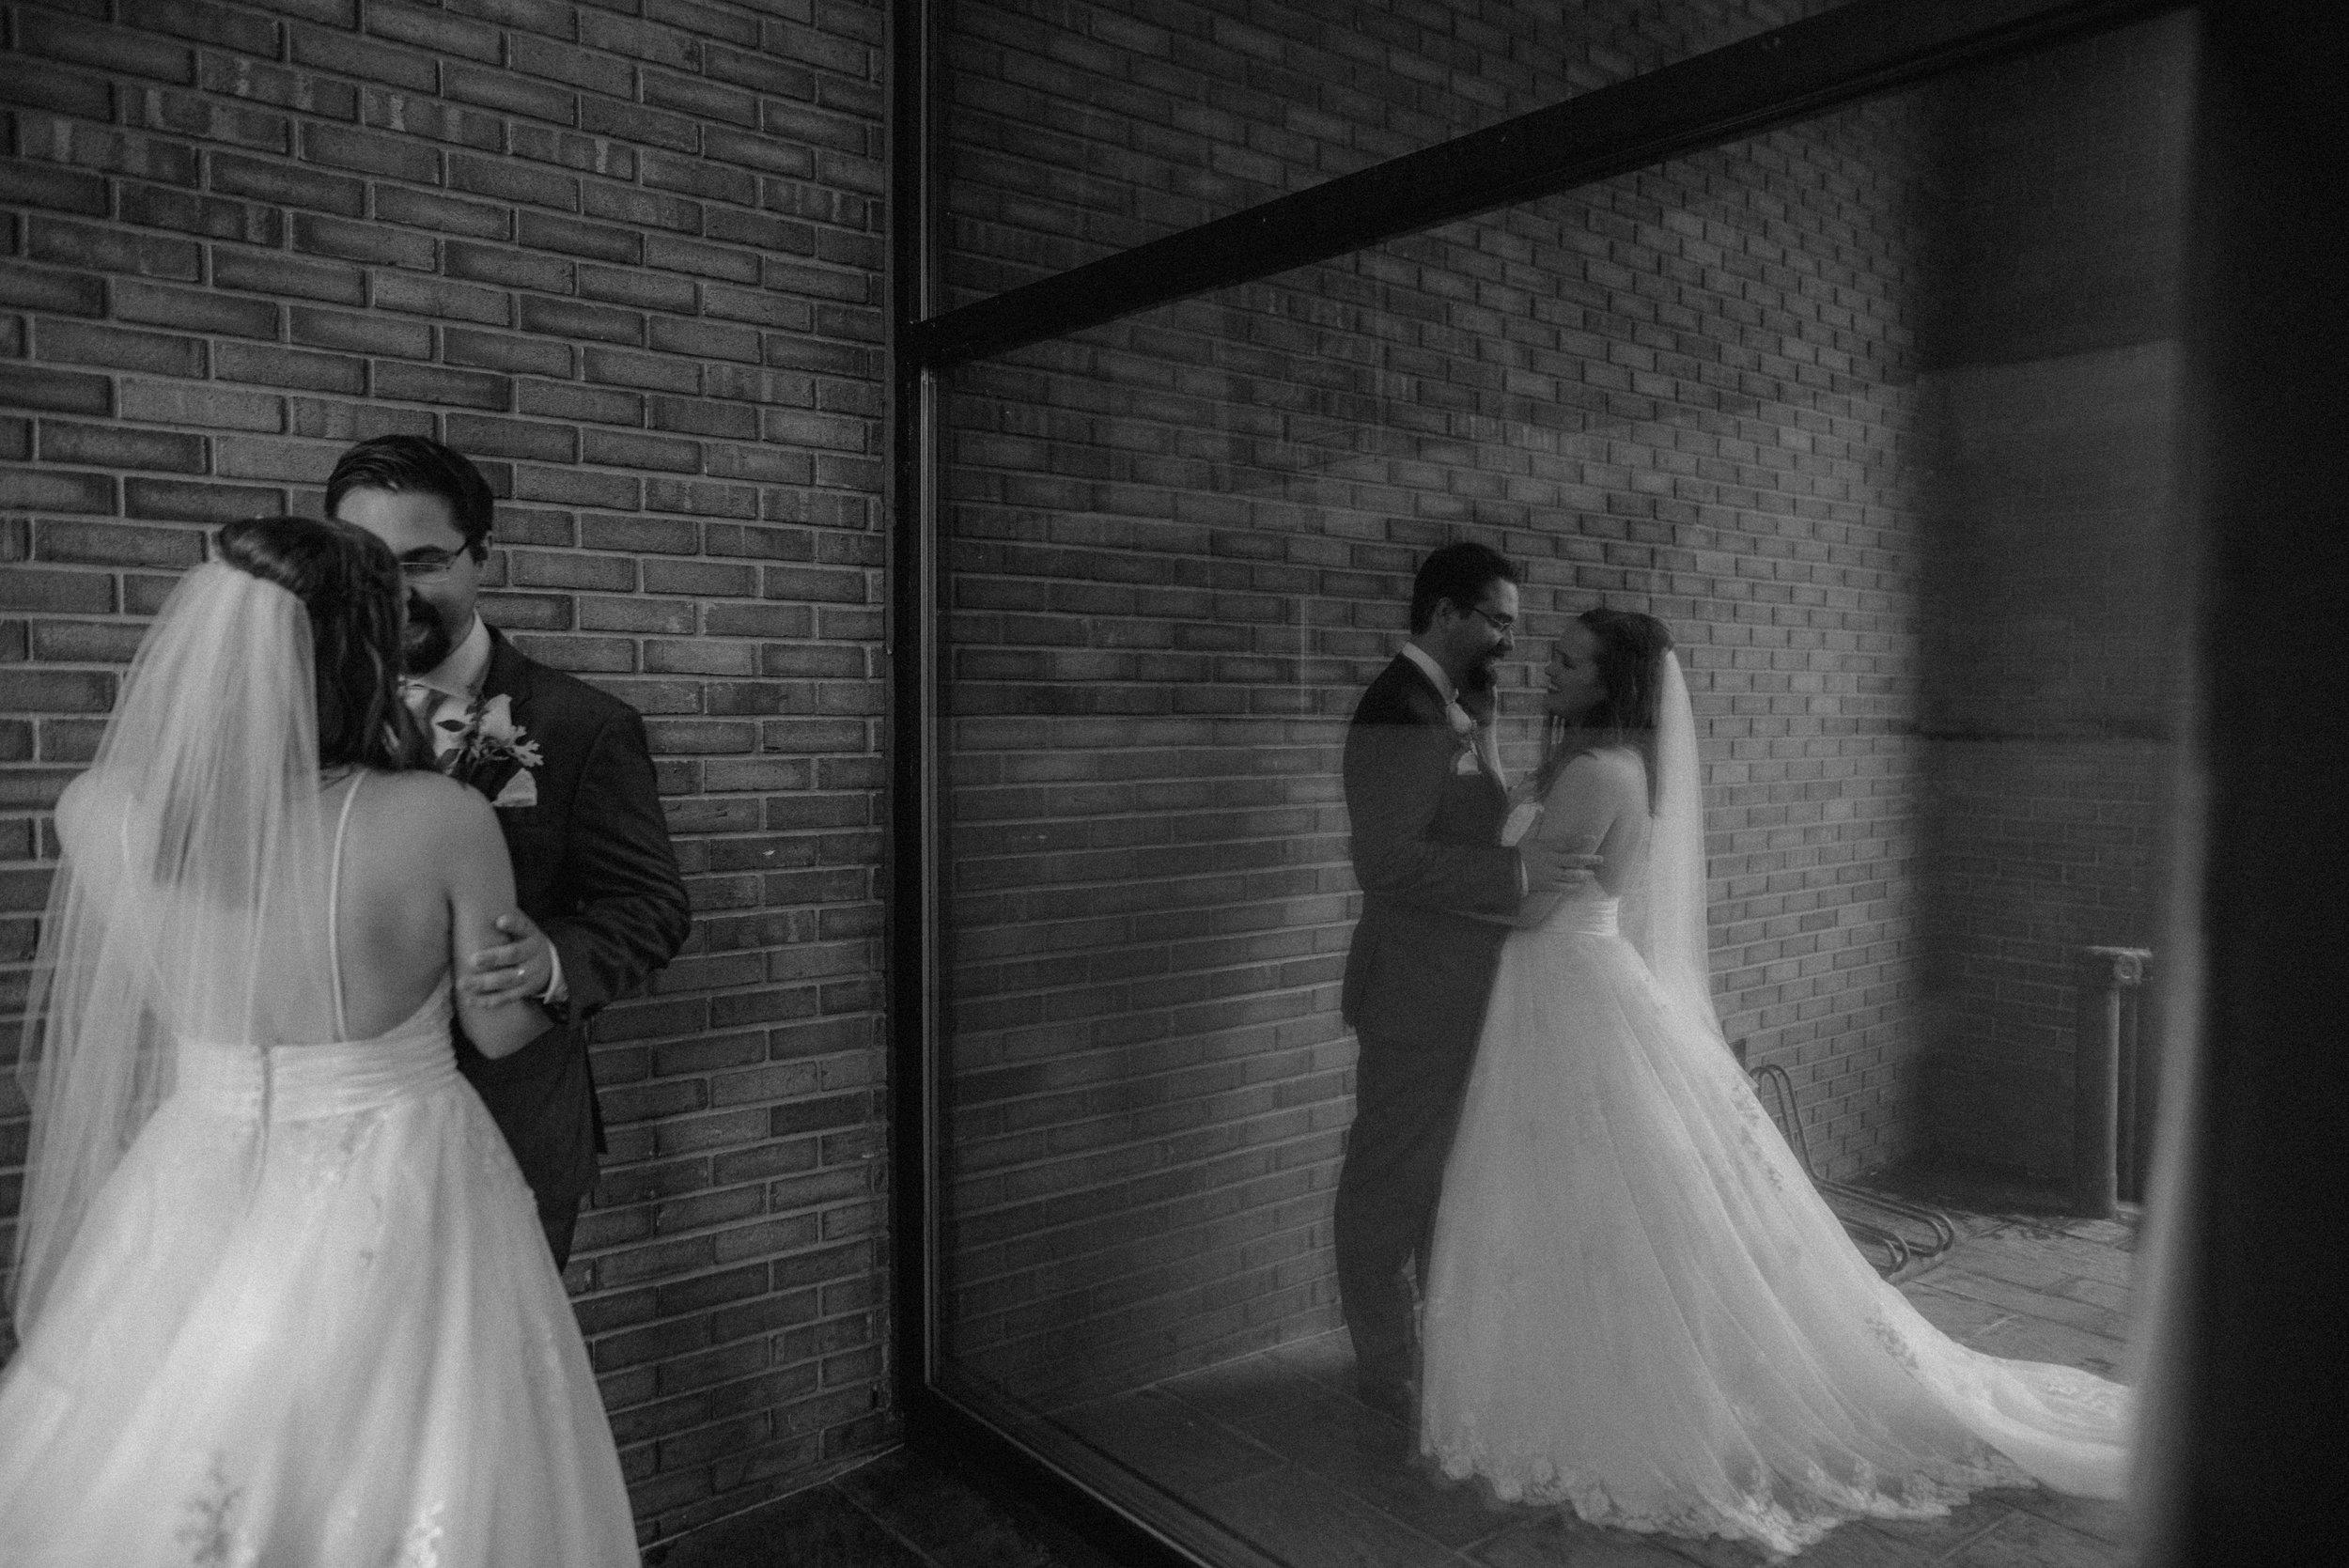 wedding_photographer_lifestyle_documentary_photographe_ottawa_gatineau-17.jpg